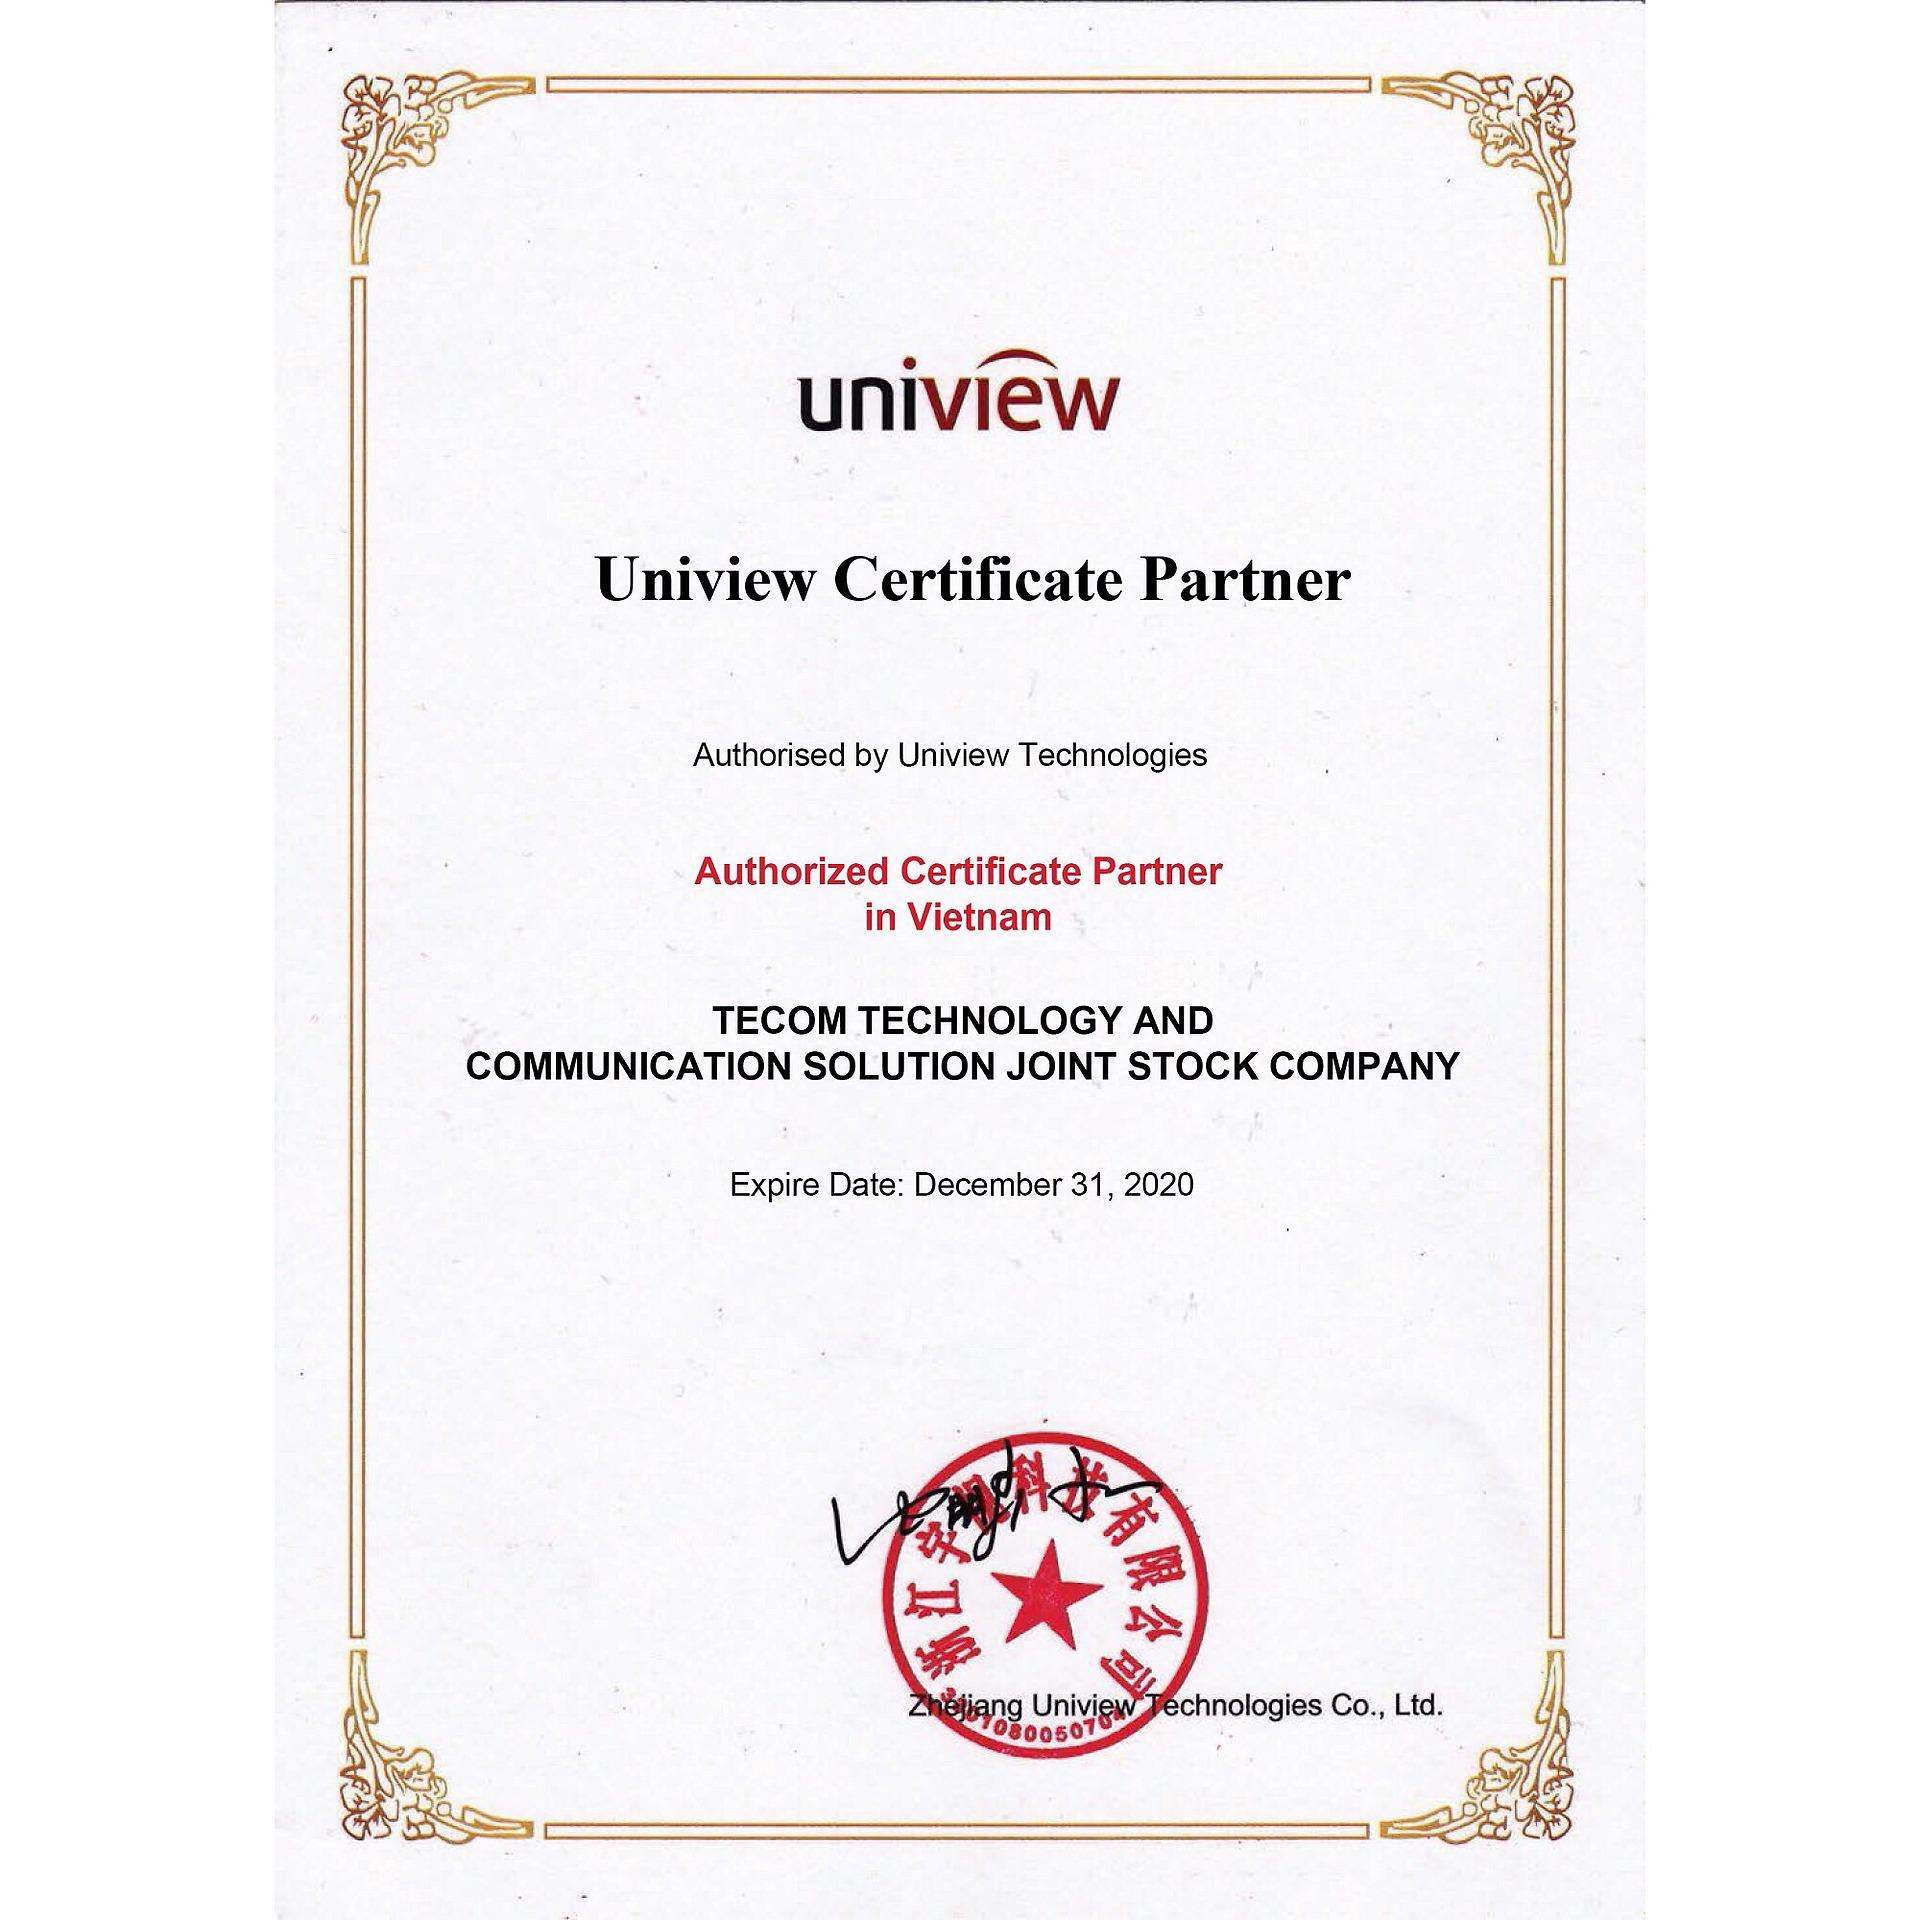 TECOM - Nhà nhập khẩu và đối tác chính thức của Uniview tại Việt Nam